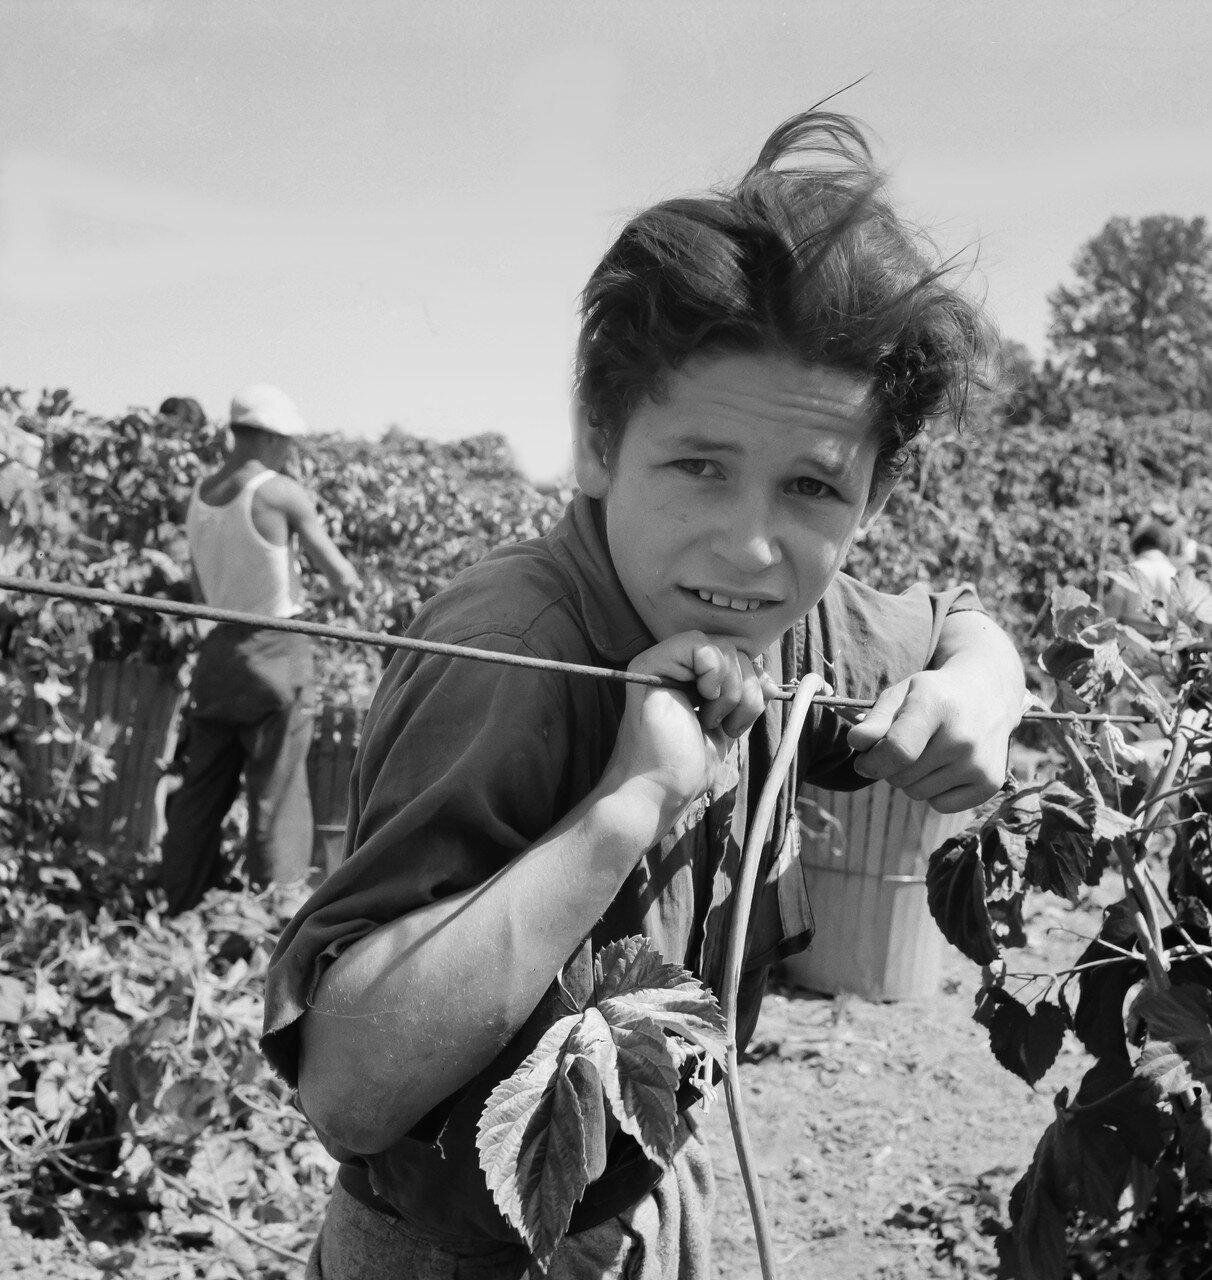 1939. Мальчик мигрант в возрасте одиннадцати лет и его бабушка работают на сборе хмеля. Он начал работать в пять часов утра. Фото сделано в полдень. Орегон